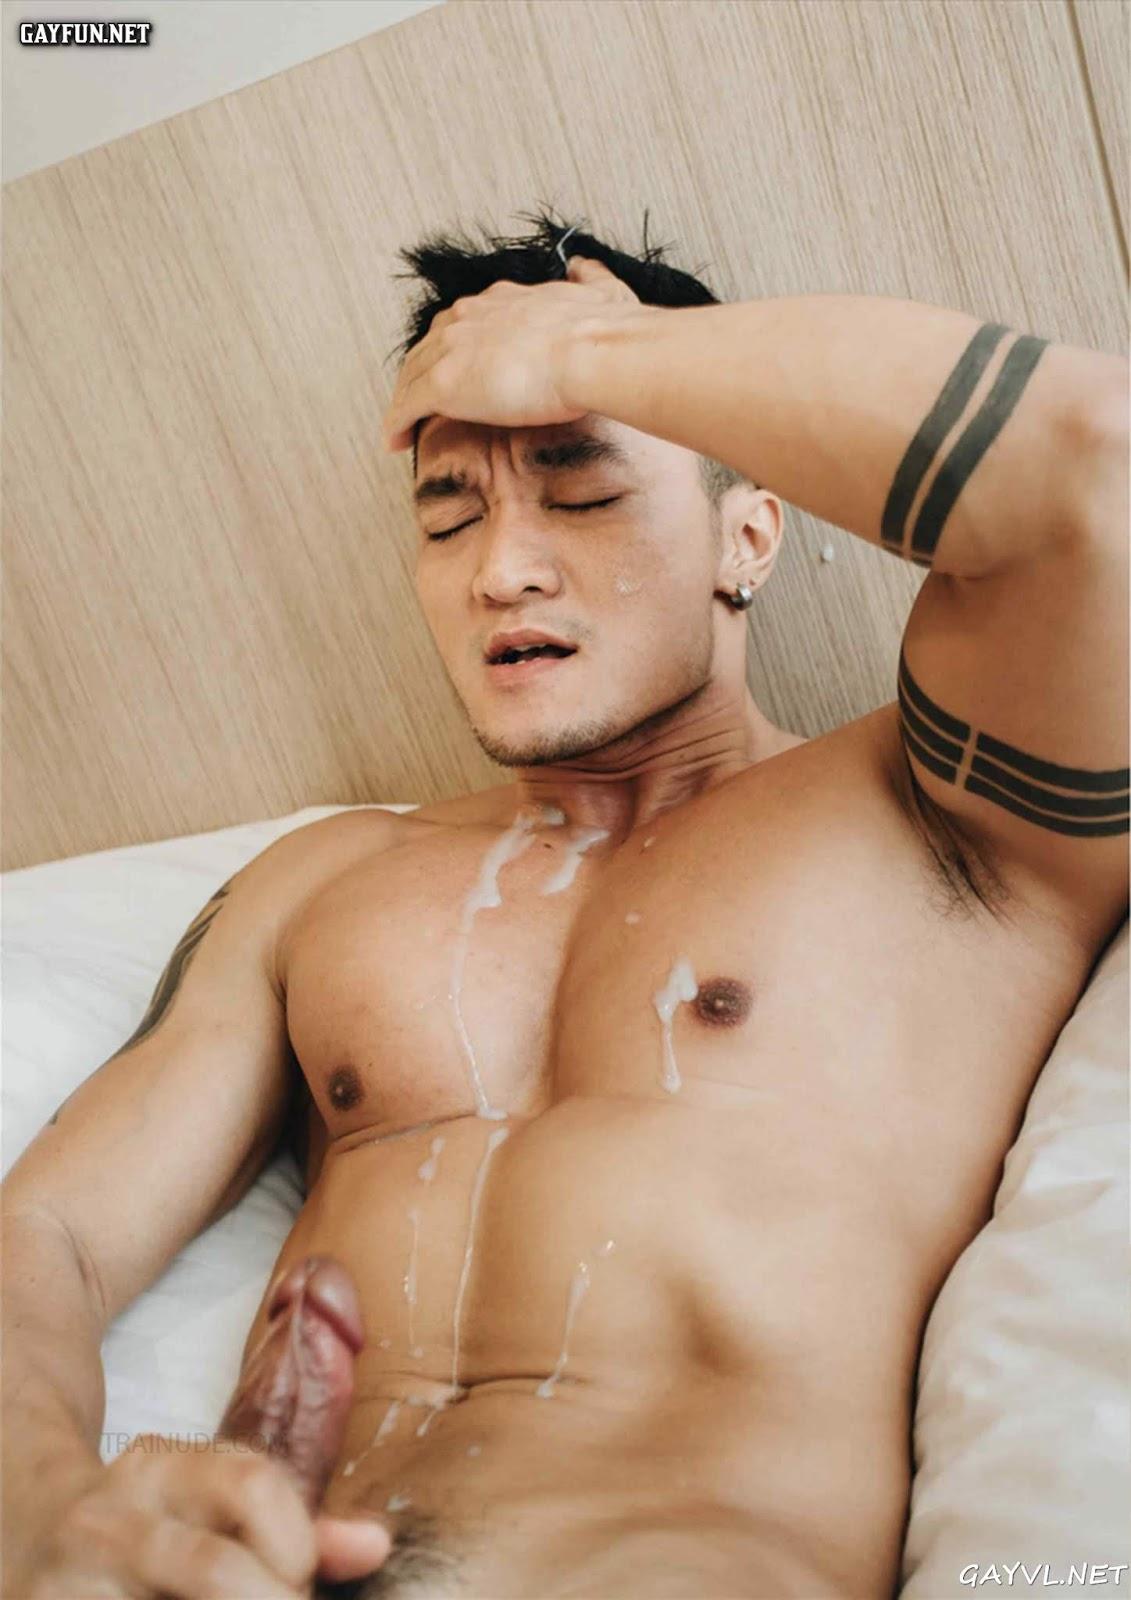 Ryan Phan Playing Dick!